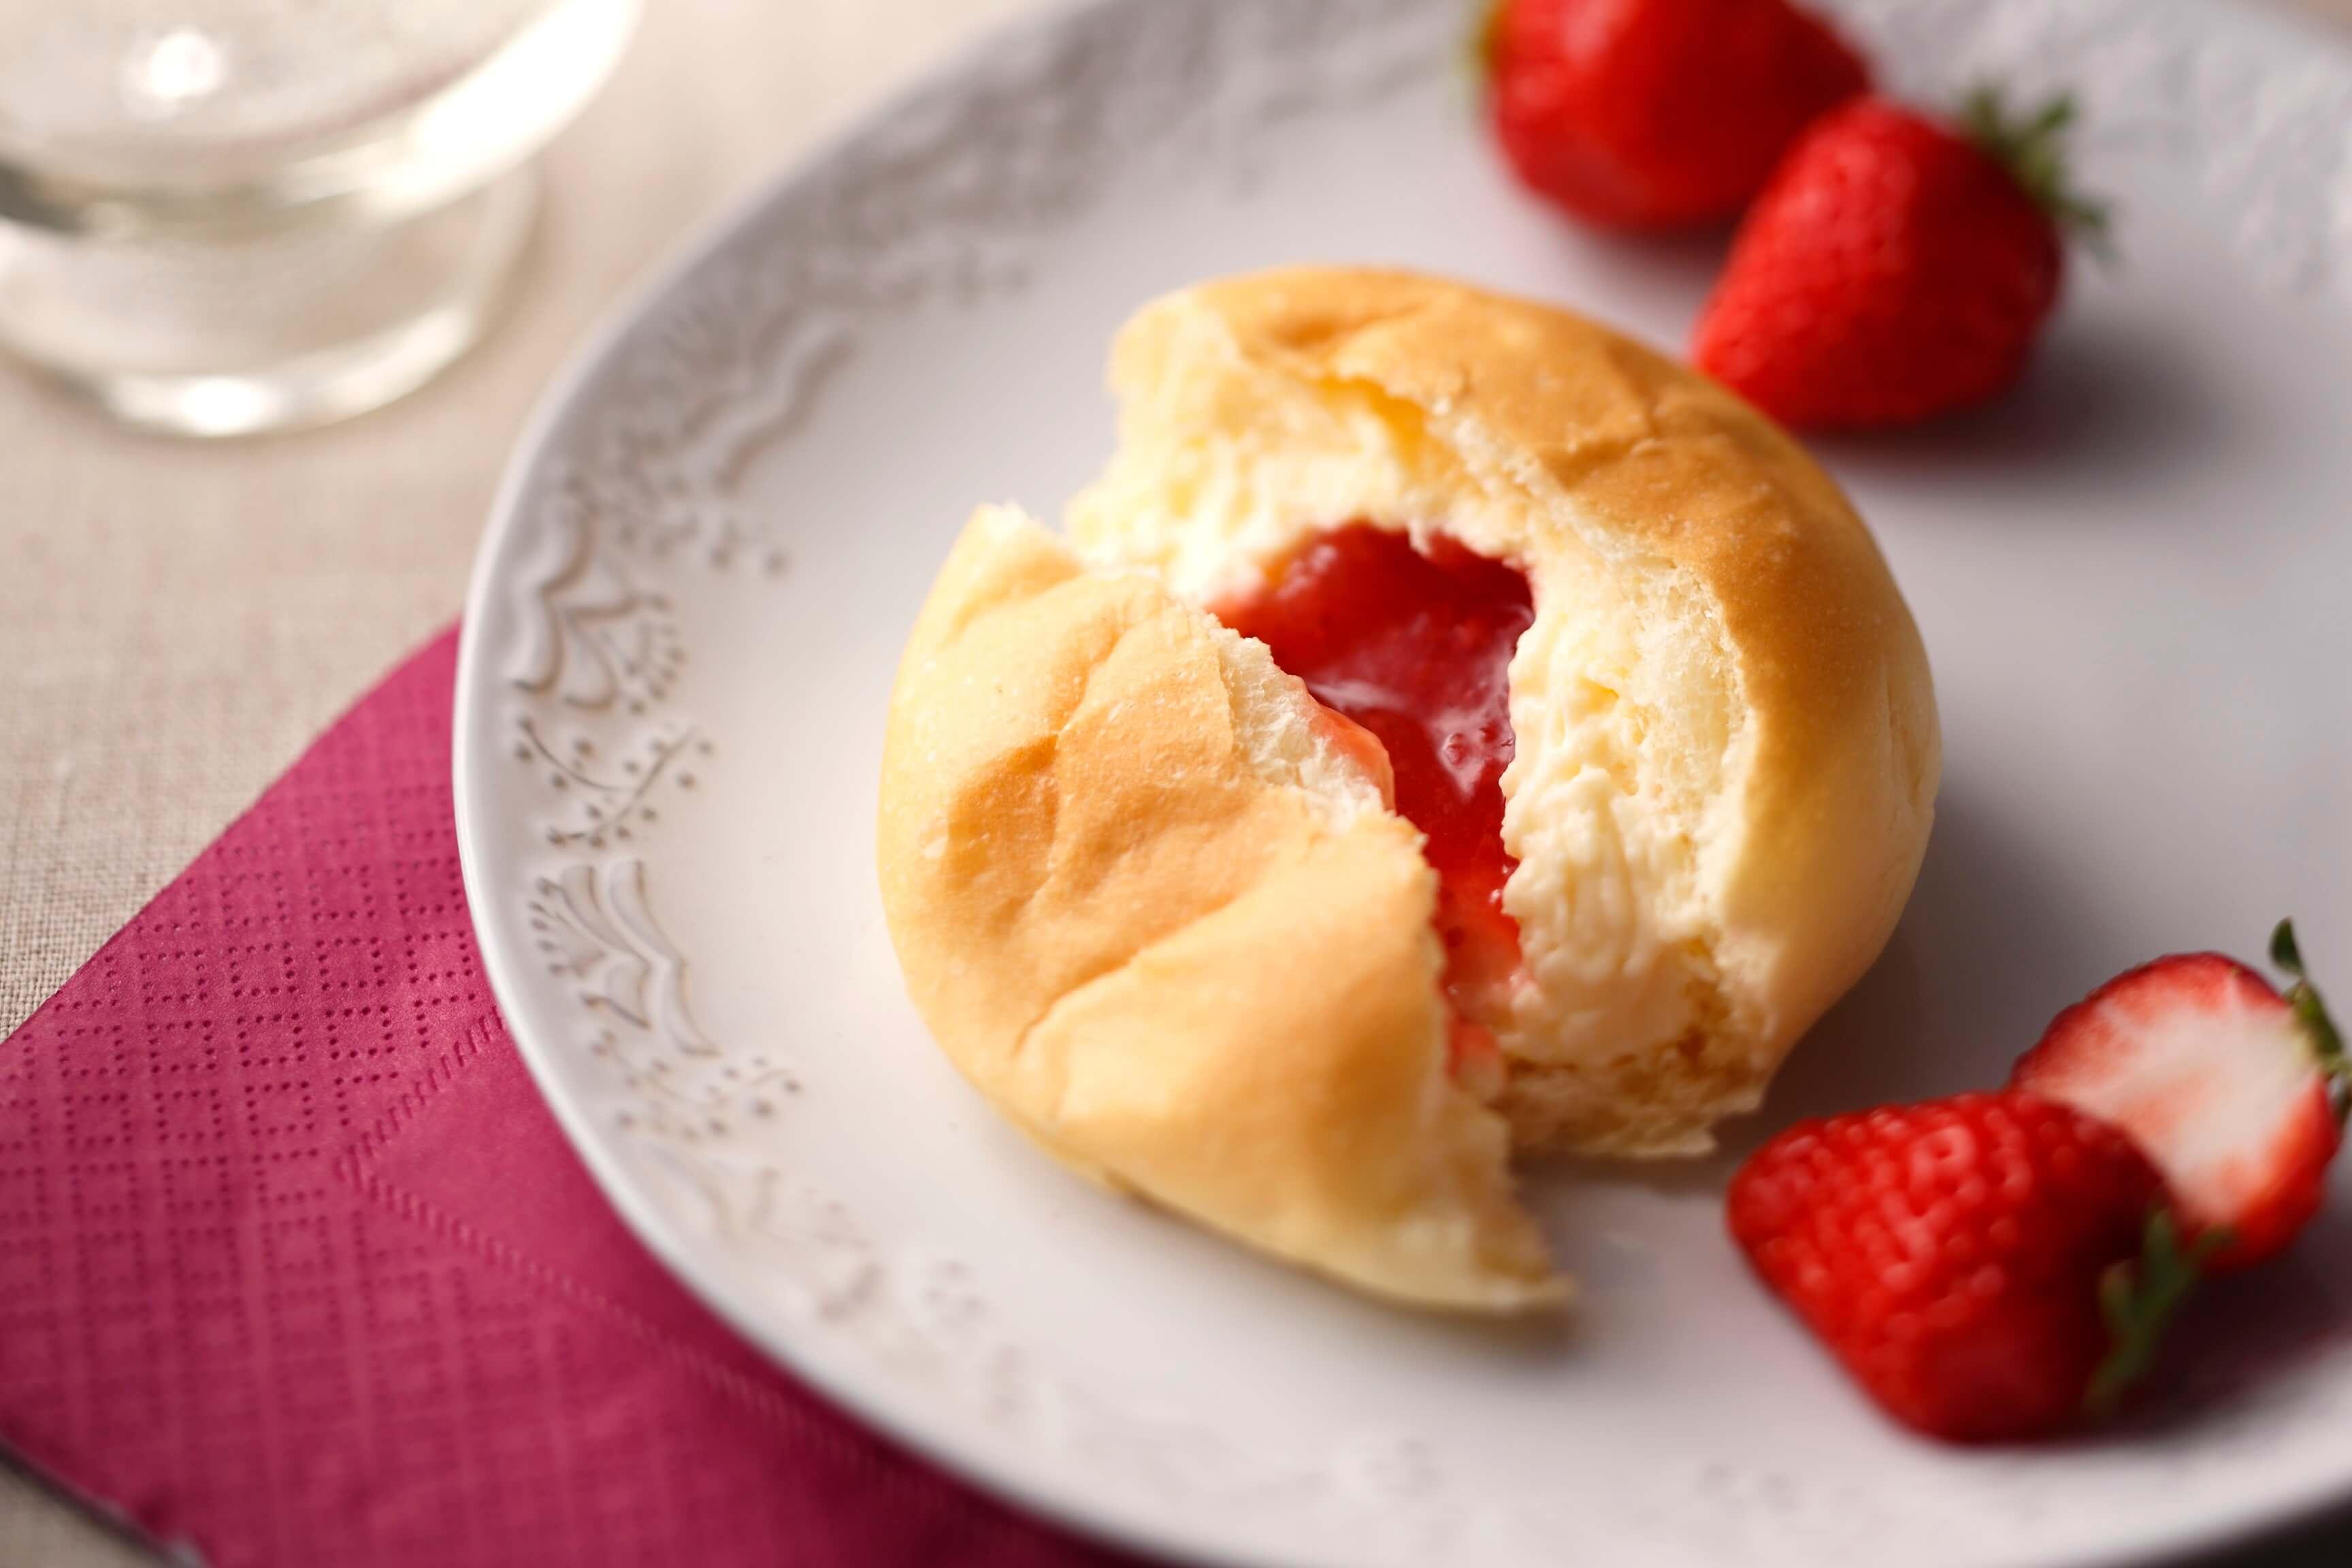 八天堂 くりーむパン いちご Hattendo sweets